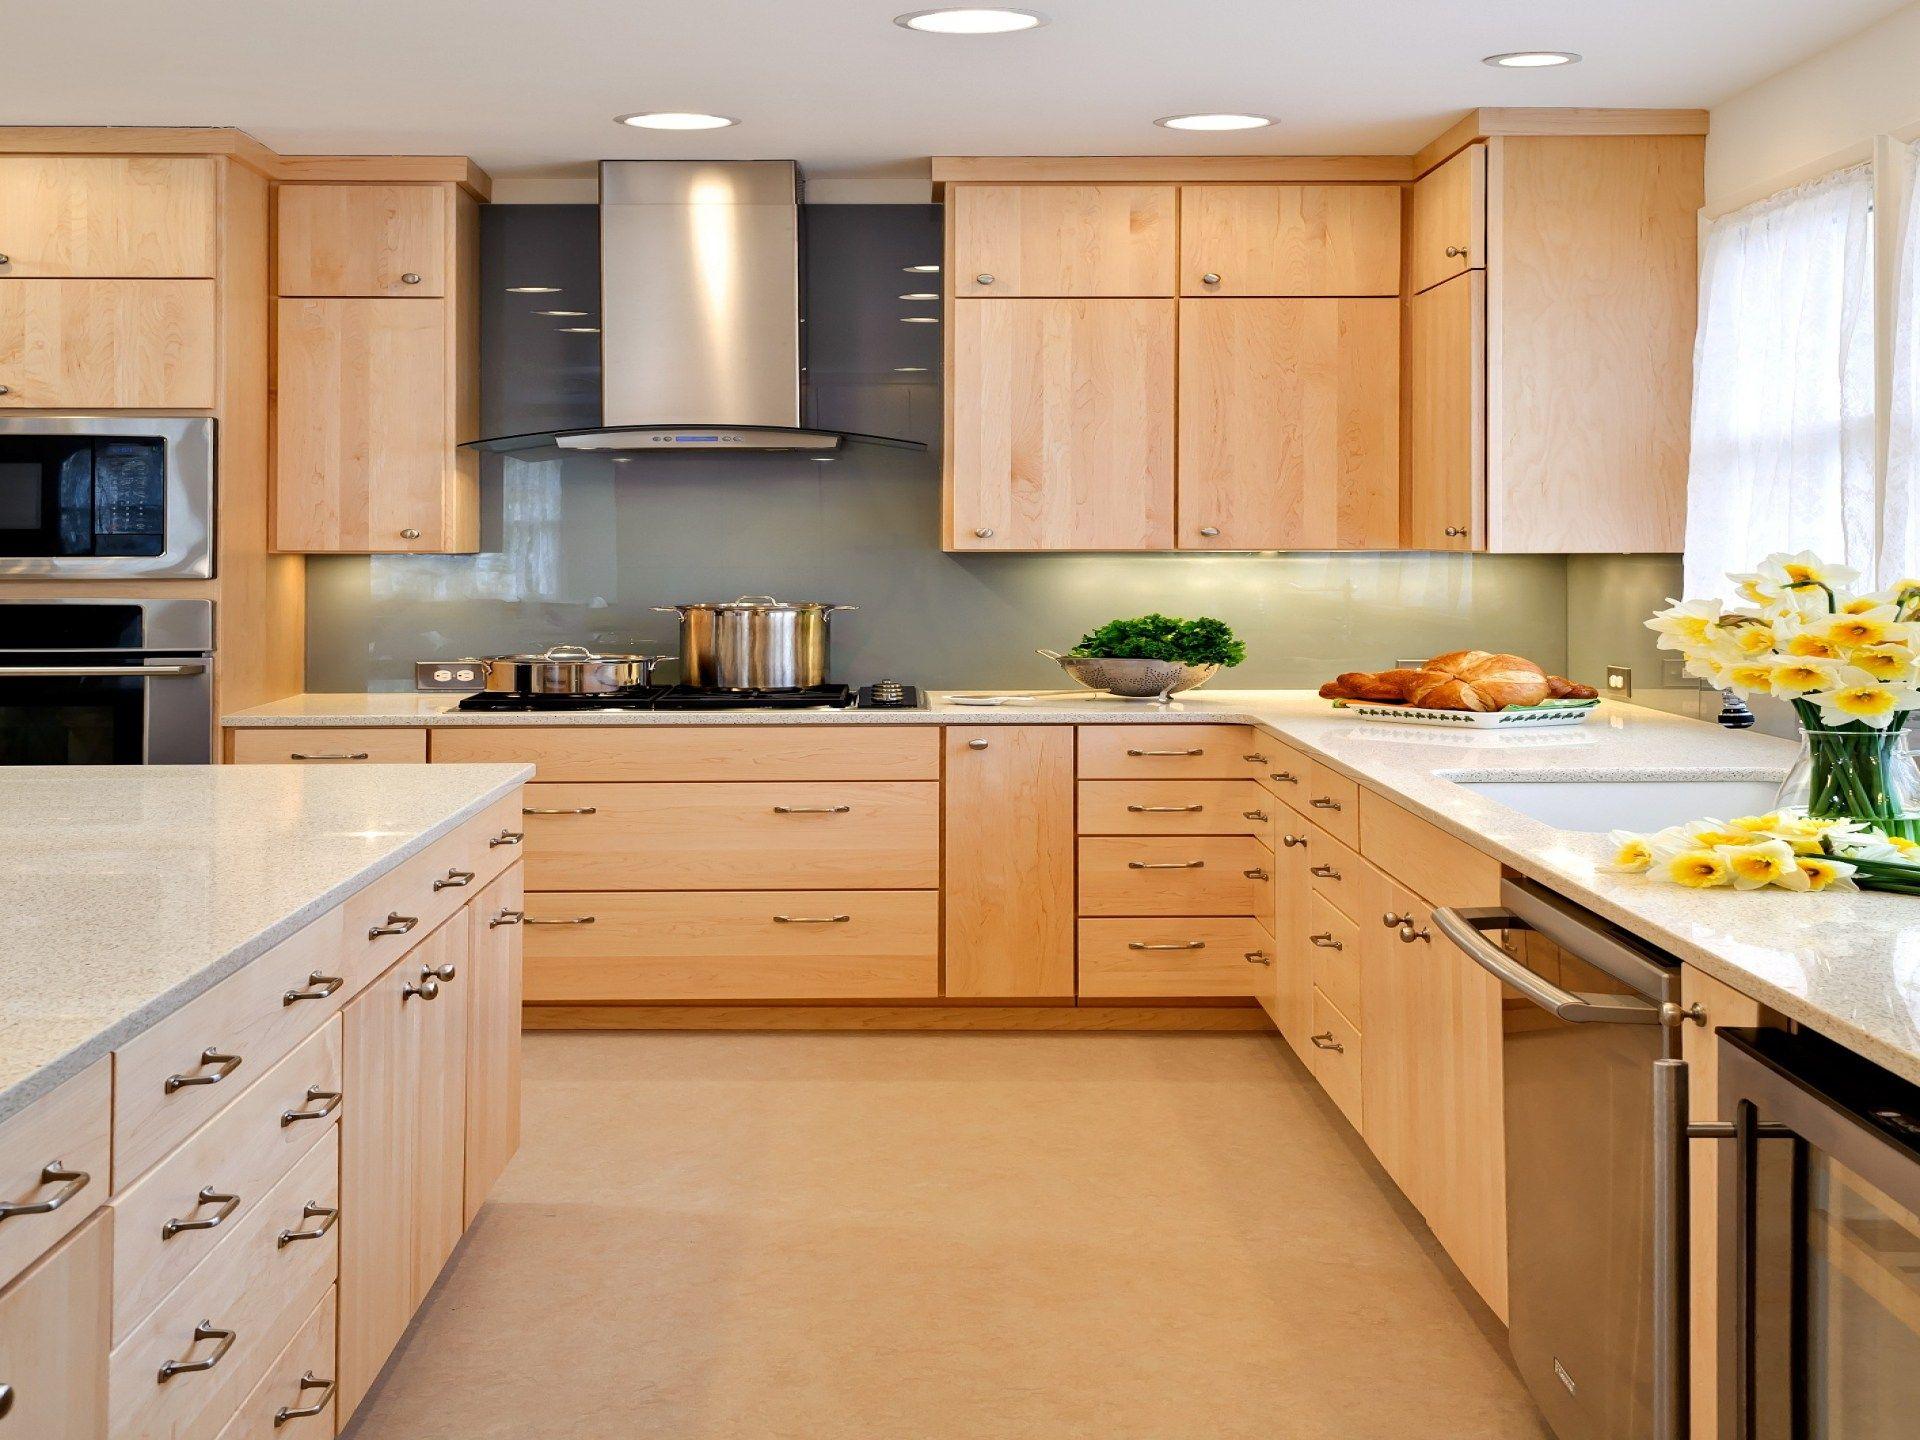 Kitchen Cabinets Modern Kitchen Cabinet Design Unfinished Kitchen